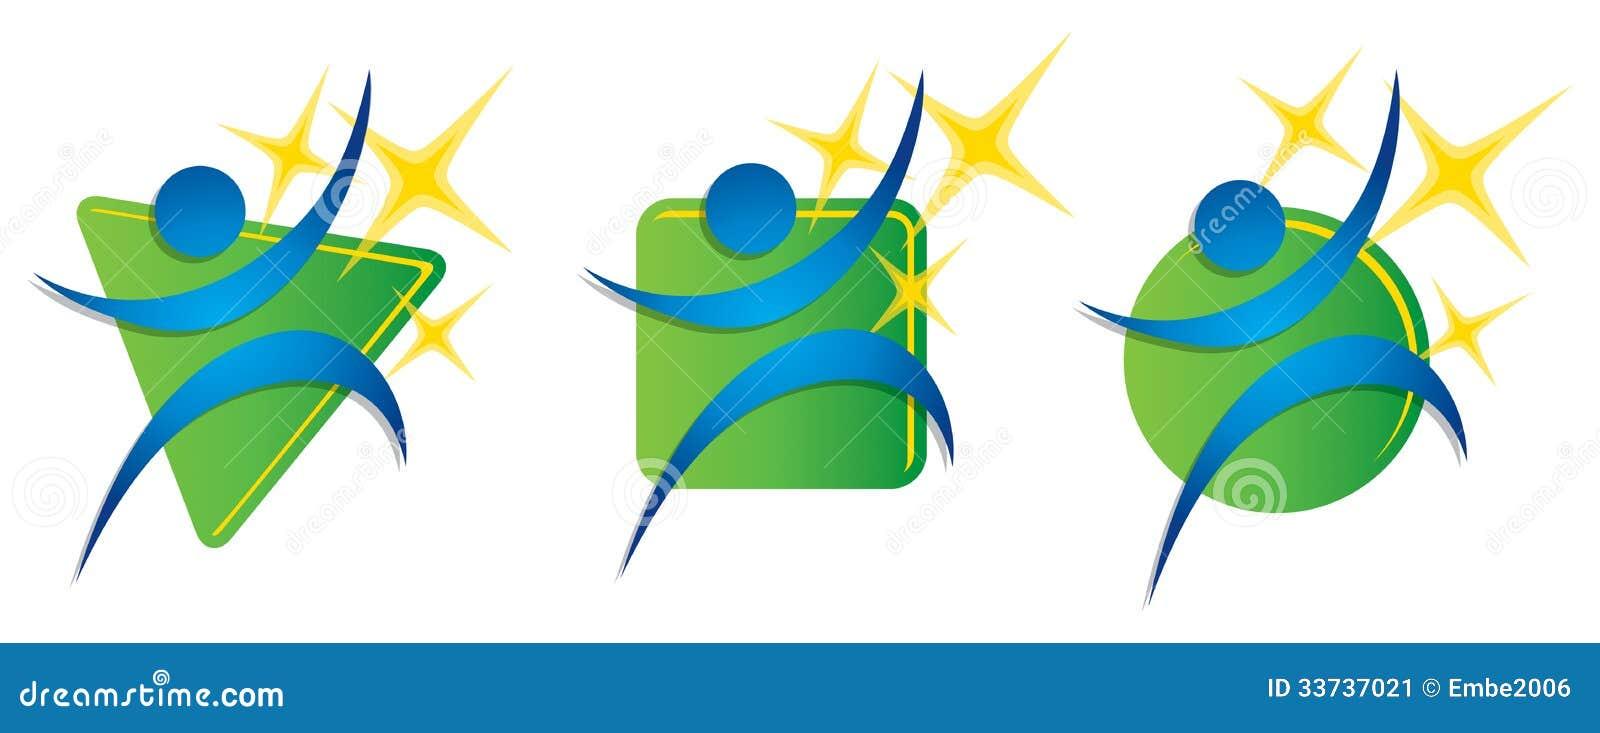 Логотип тренировки пригодности